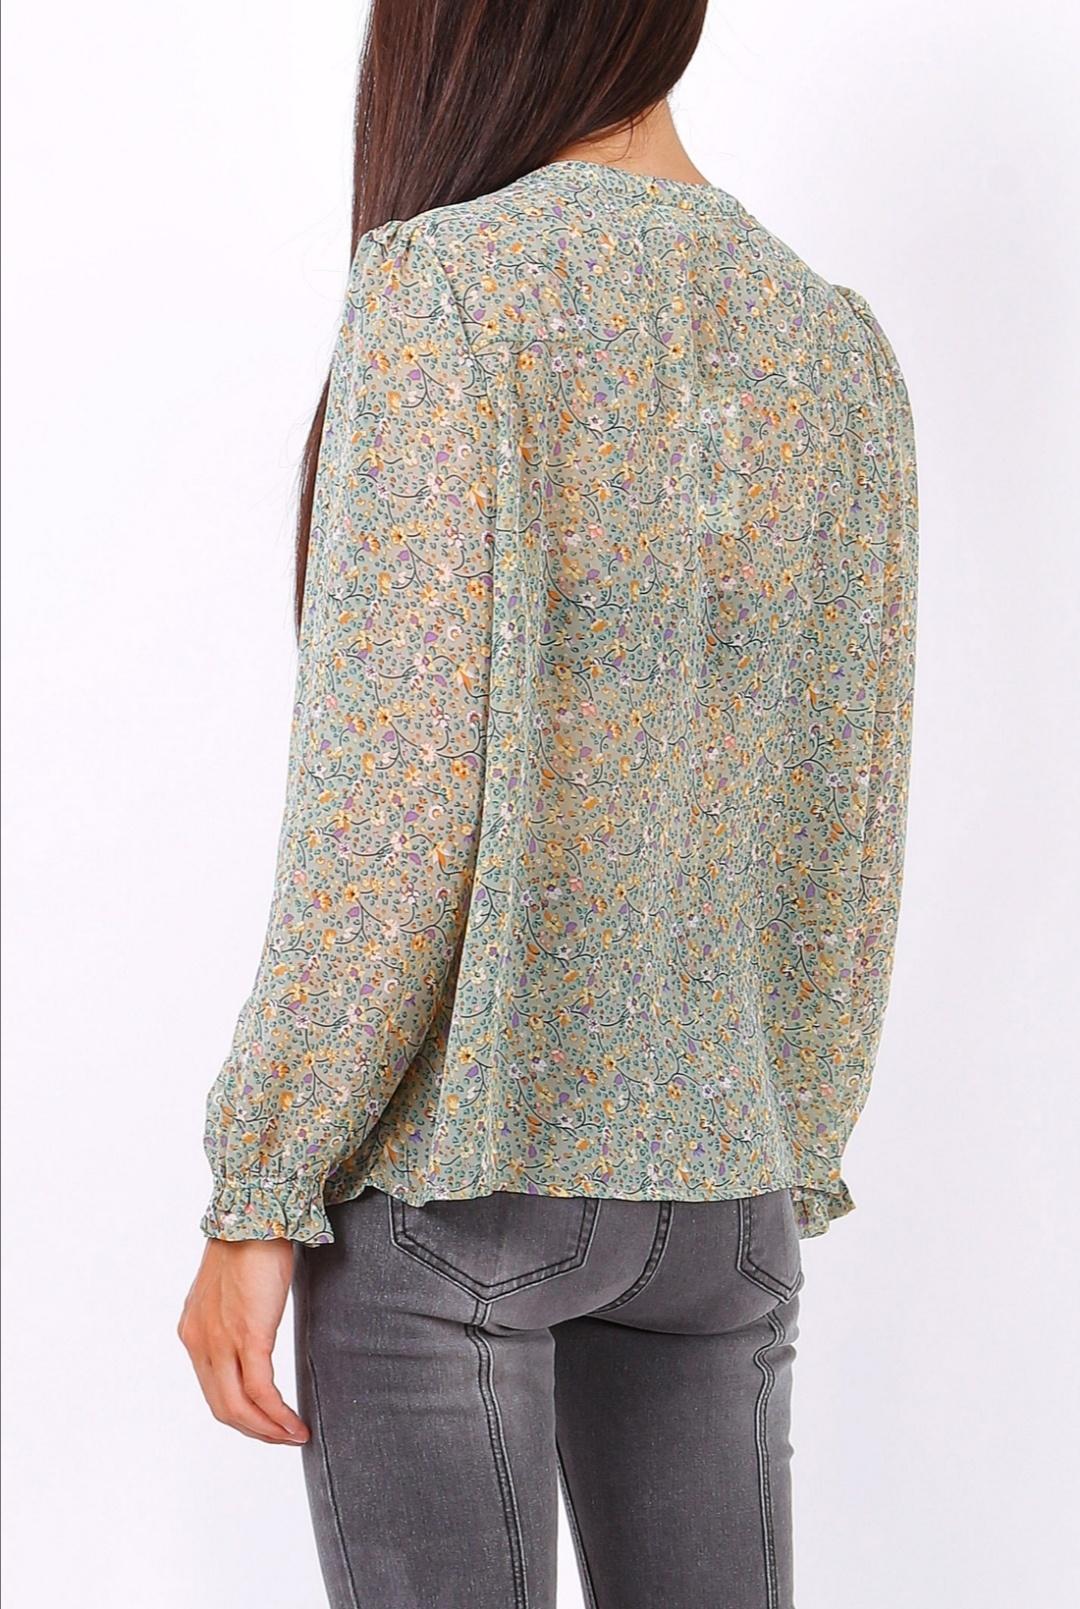 PEPITES blouse ludovique-2